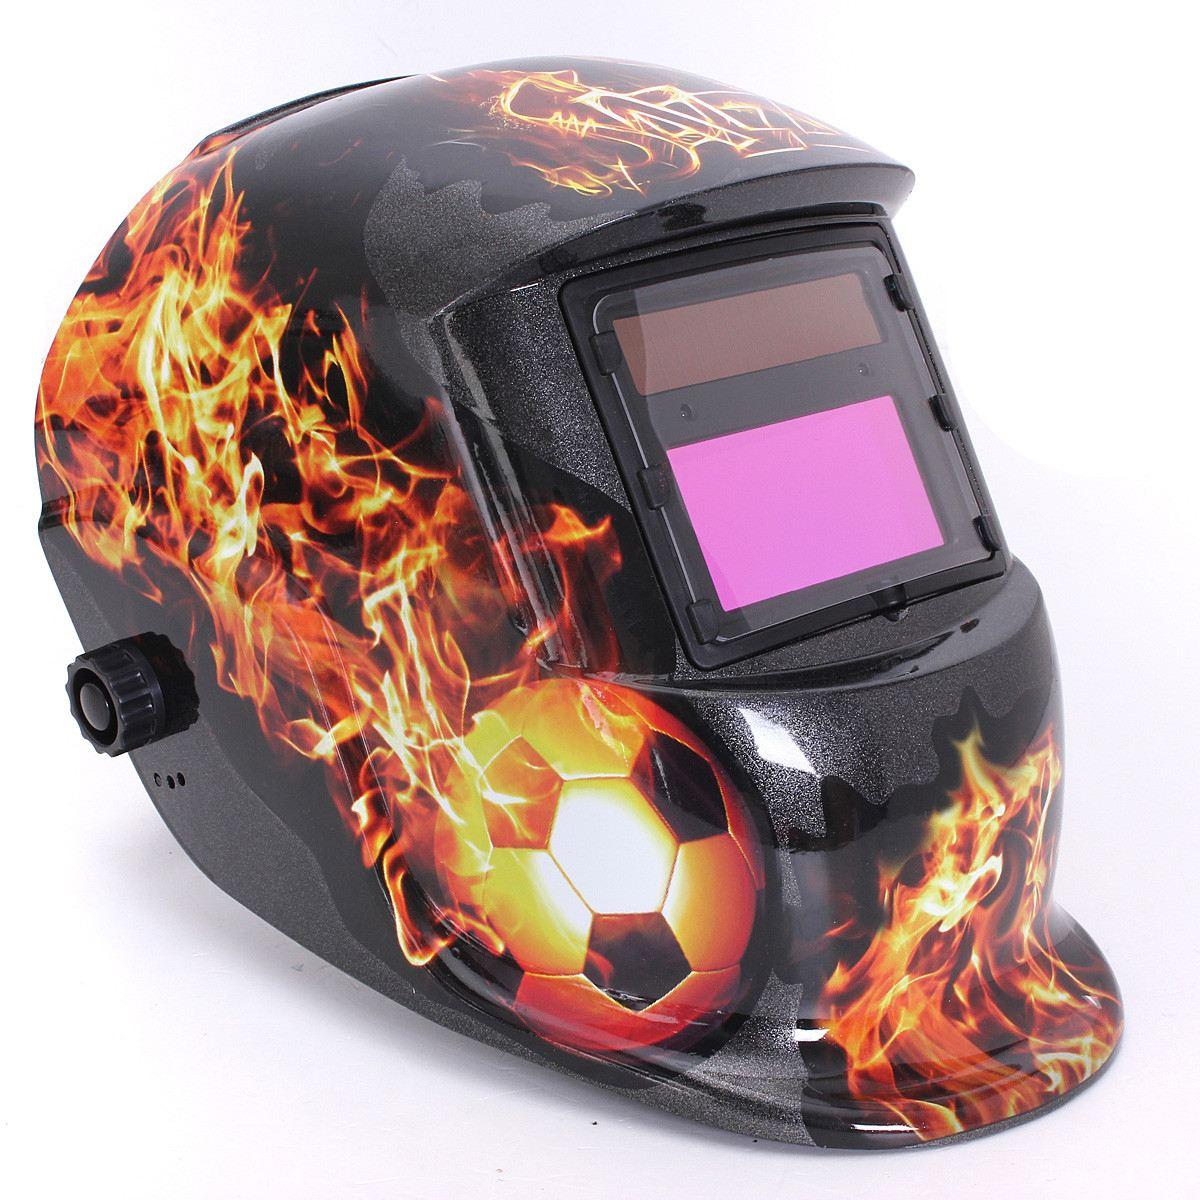 Hot Sale Pro Auto Darkening Welding Helmet Arc Tig mig Grinding Welders Mask Solar km 1600 welding mask arc tig mig weld solar auto darkening helmet